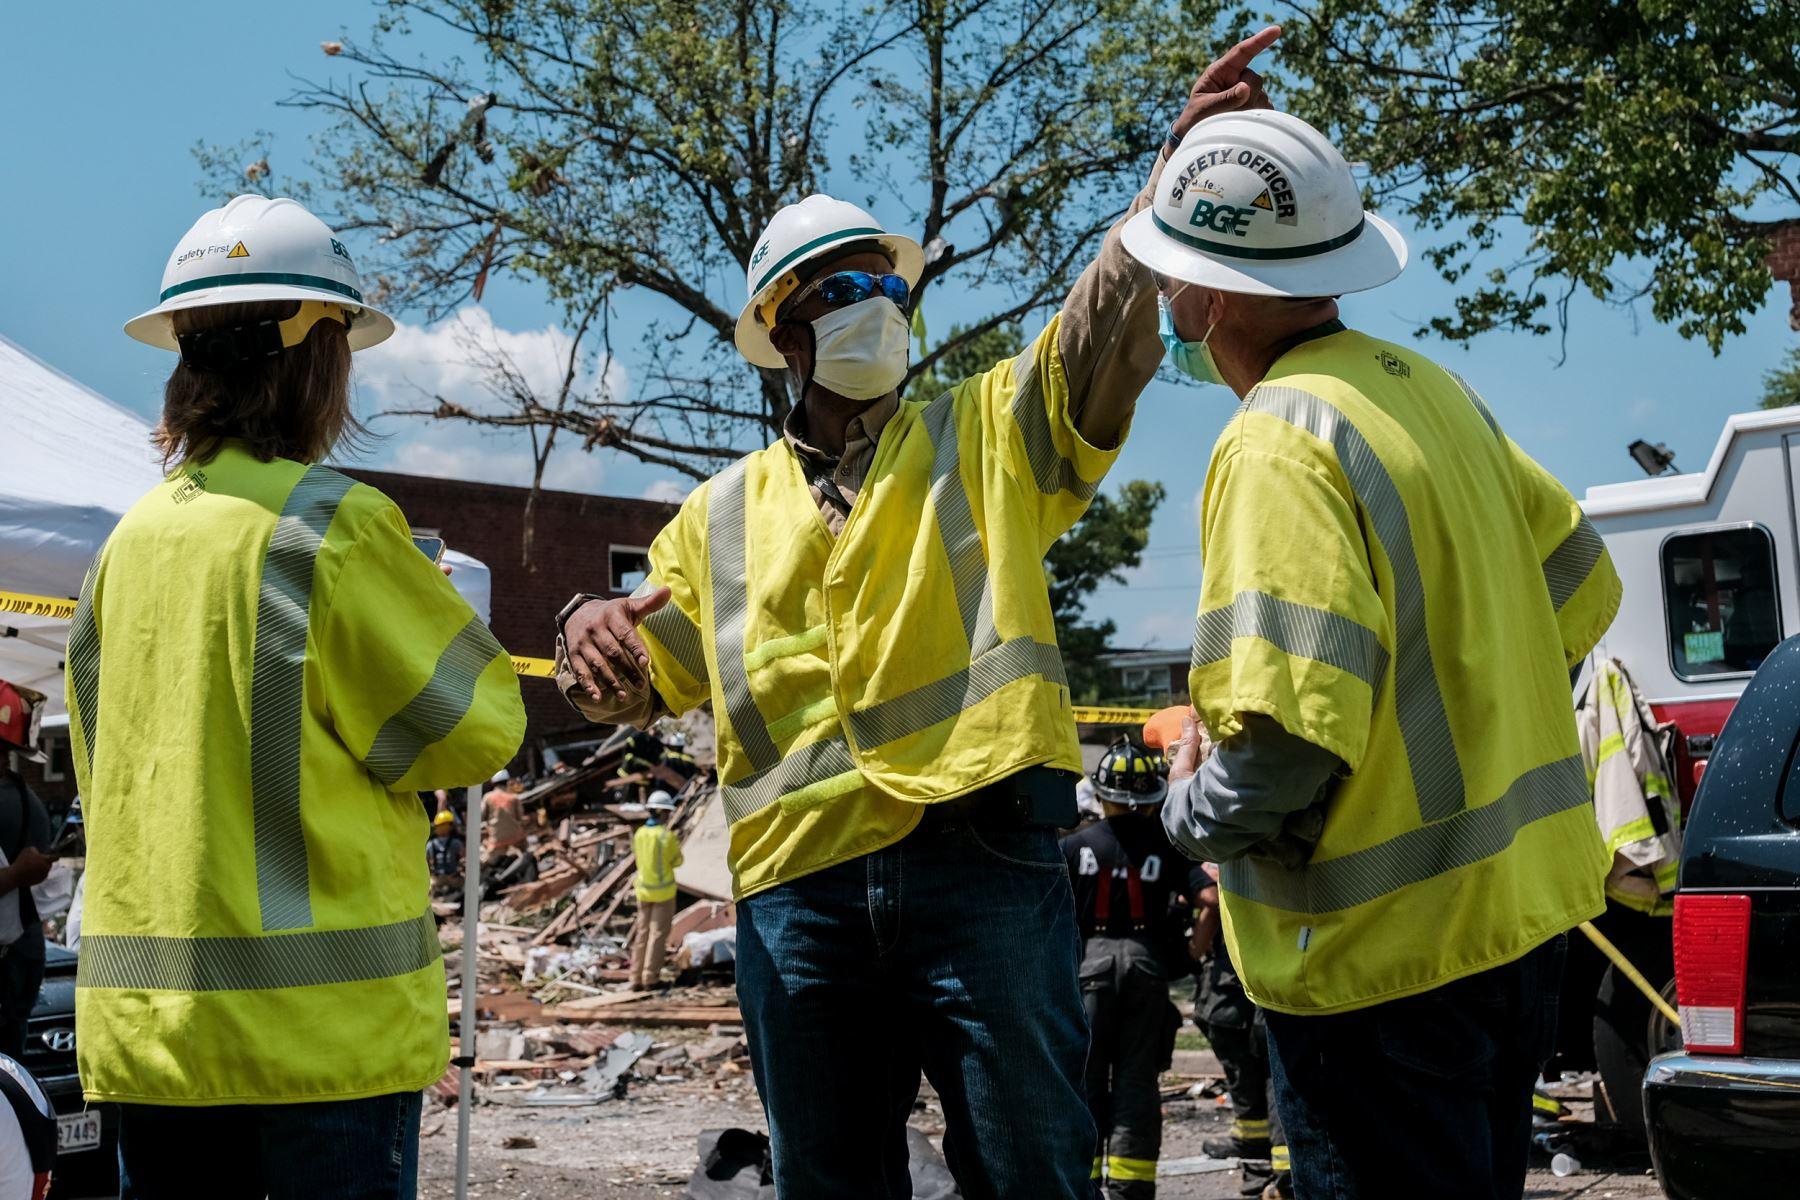 Los empleados de Baltimore Gas and Electric trabajan en la escena de una explosión  en Baltimore, Maryland. Los primeros informes indican que una fuga de gas pudo haber causado la explosión masiva que arrasó tres casas, causando múltiples heridos y al menos una muerte. Foto: AFP